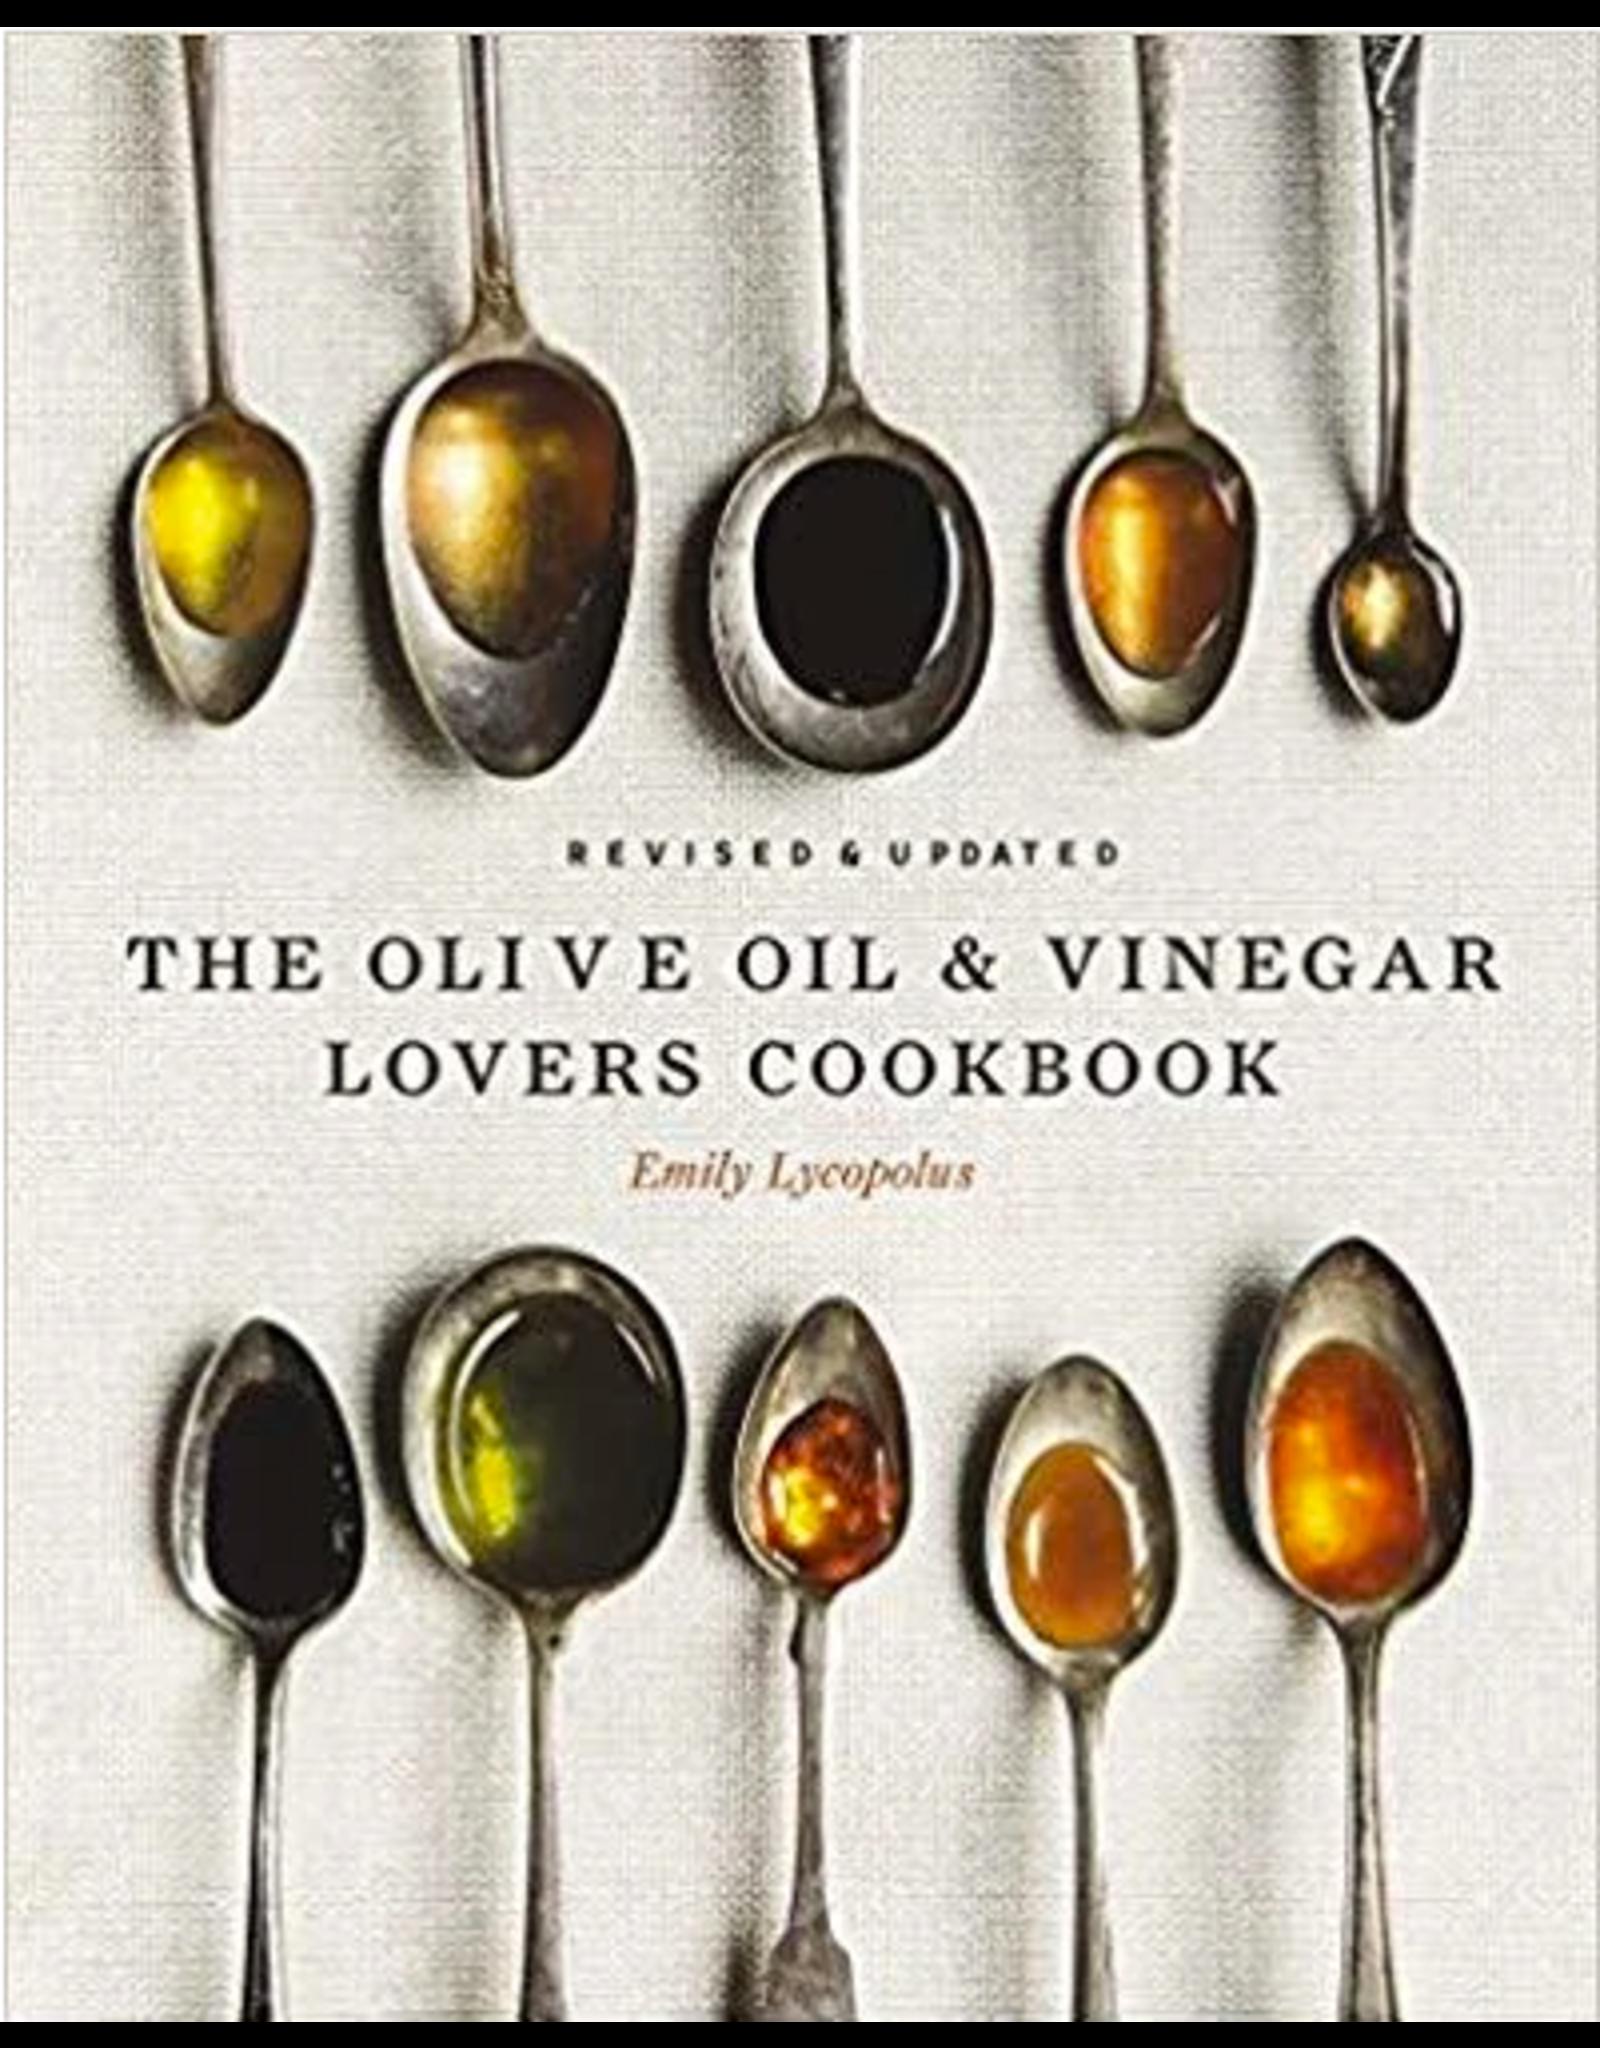 Website Olive Oil & Vinegar Lovers Cookbook